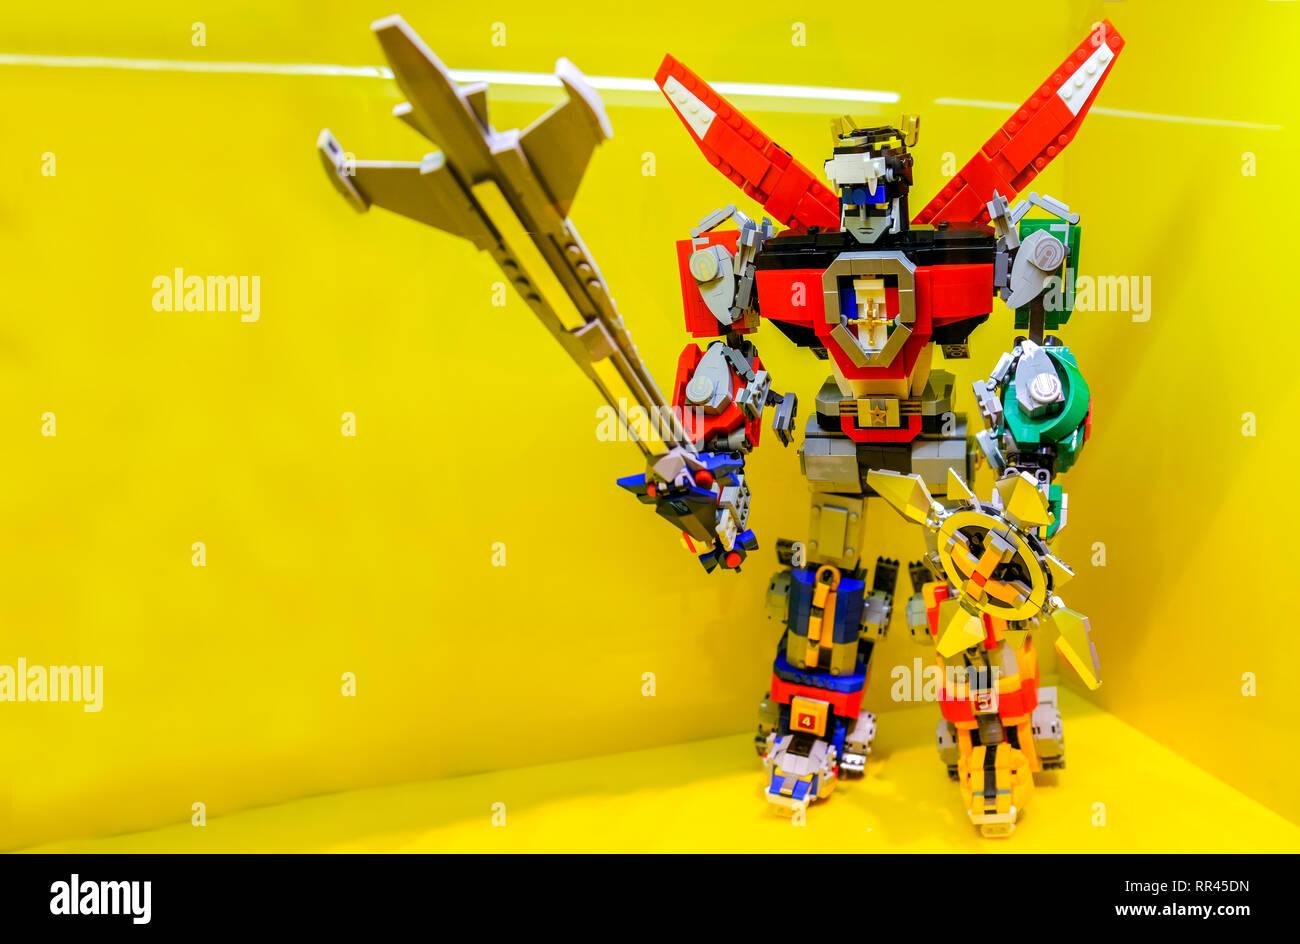 Voltron Action Figur aus Lego Steinen Stockbild